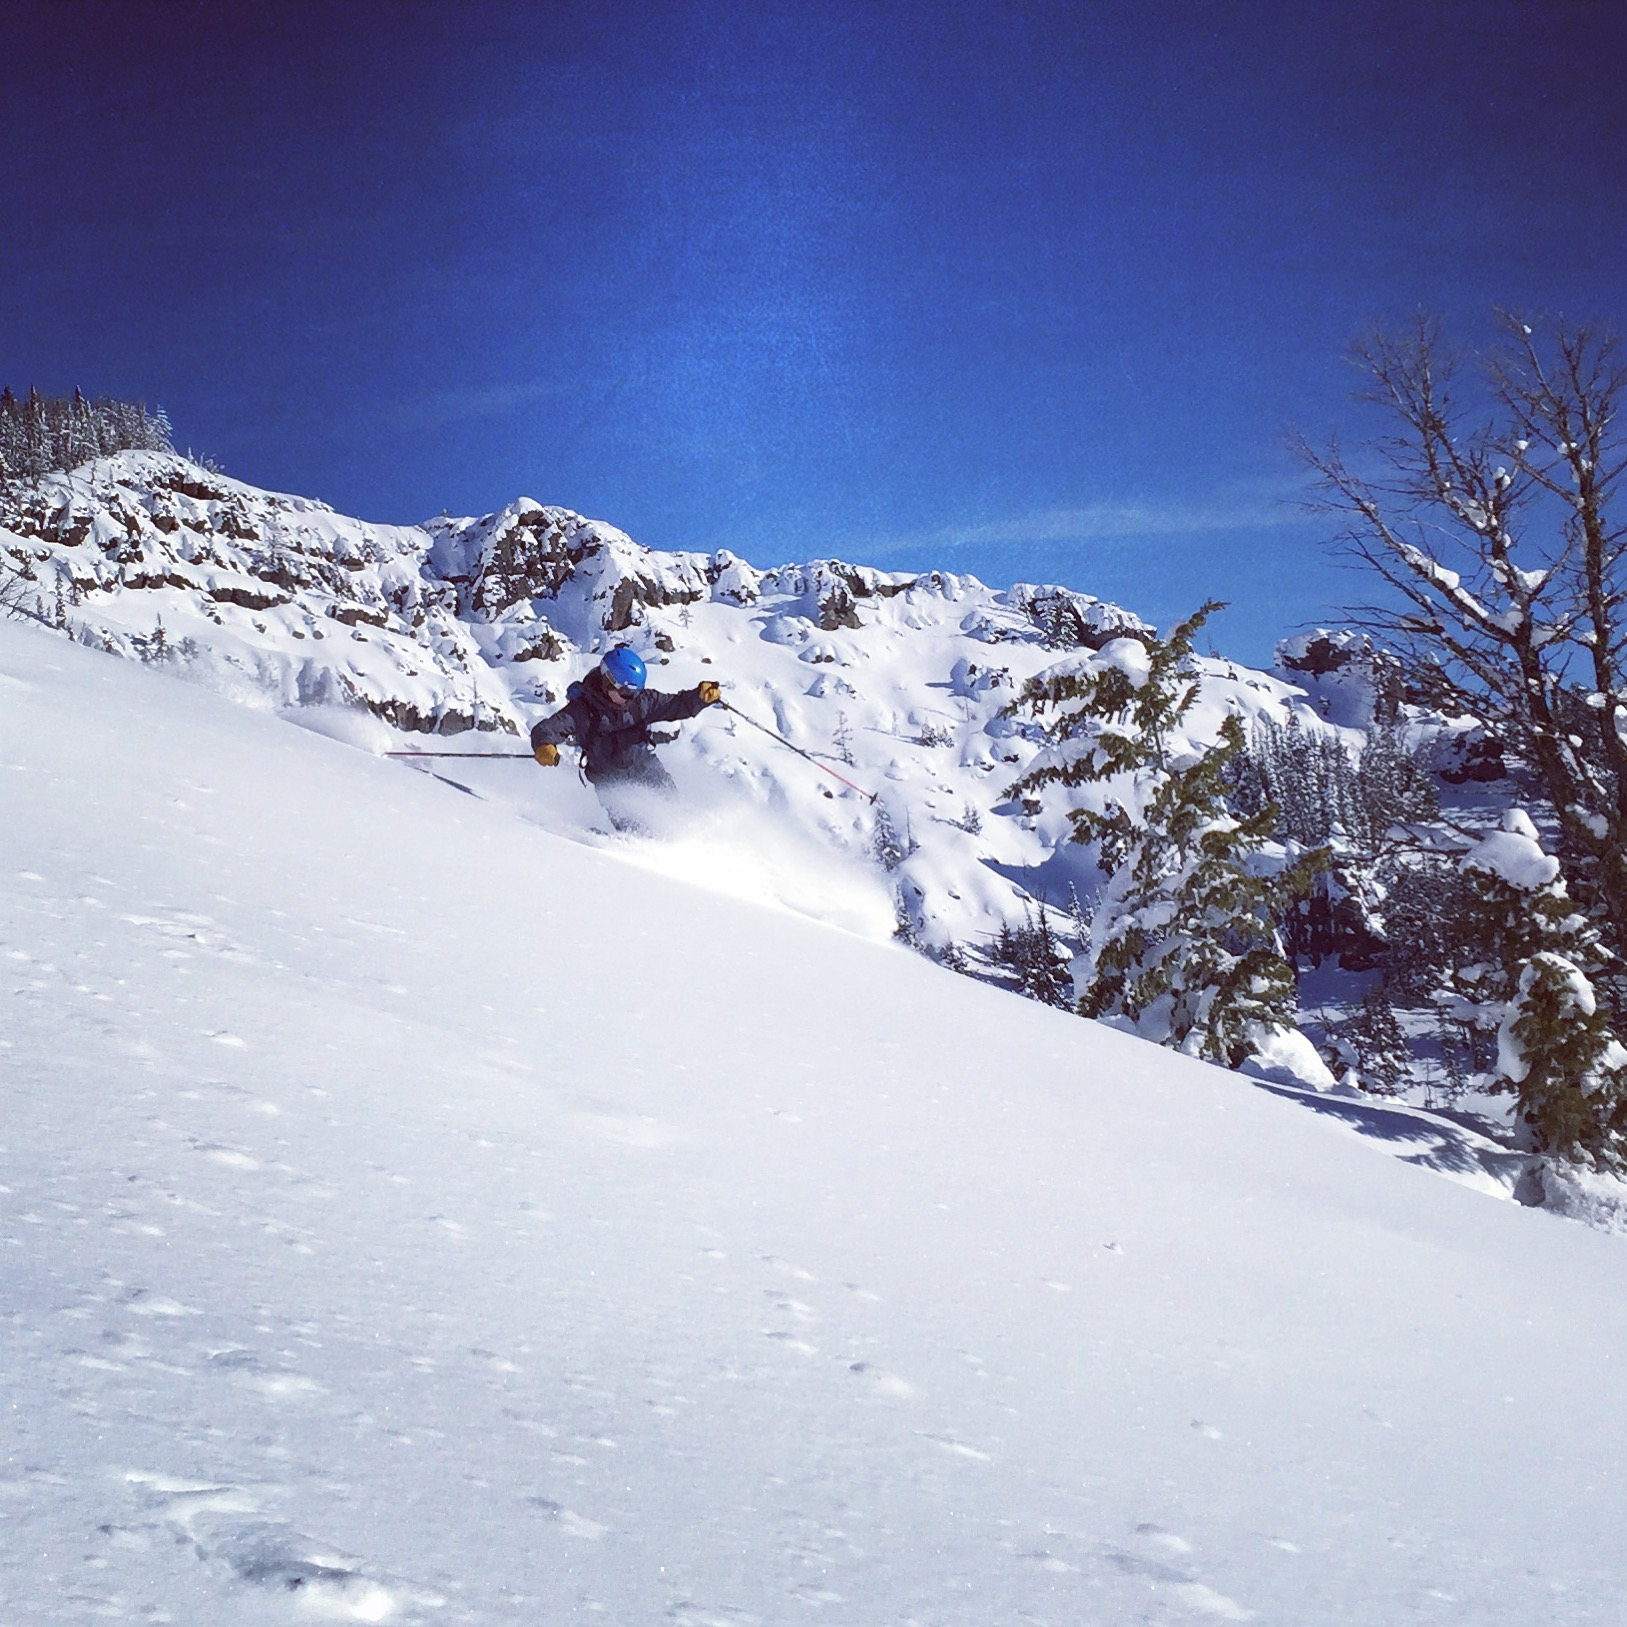 Big Sky Backcountry Skiing